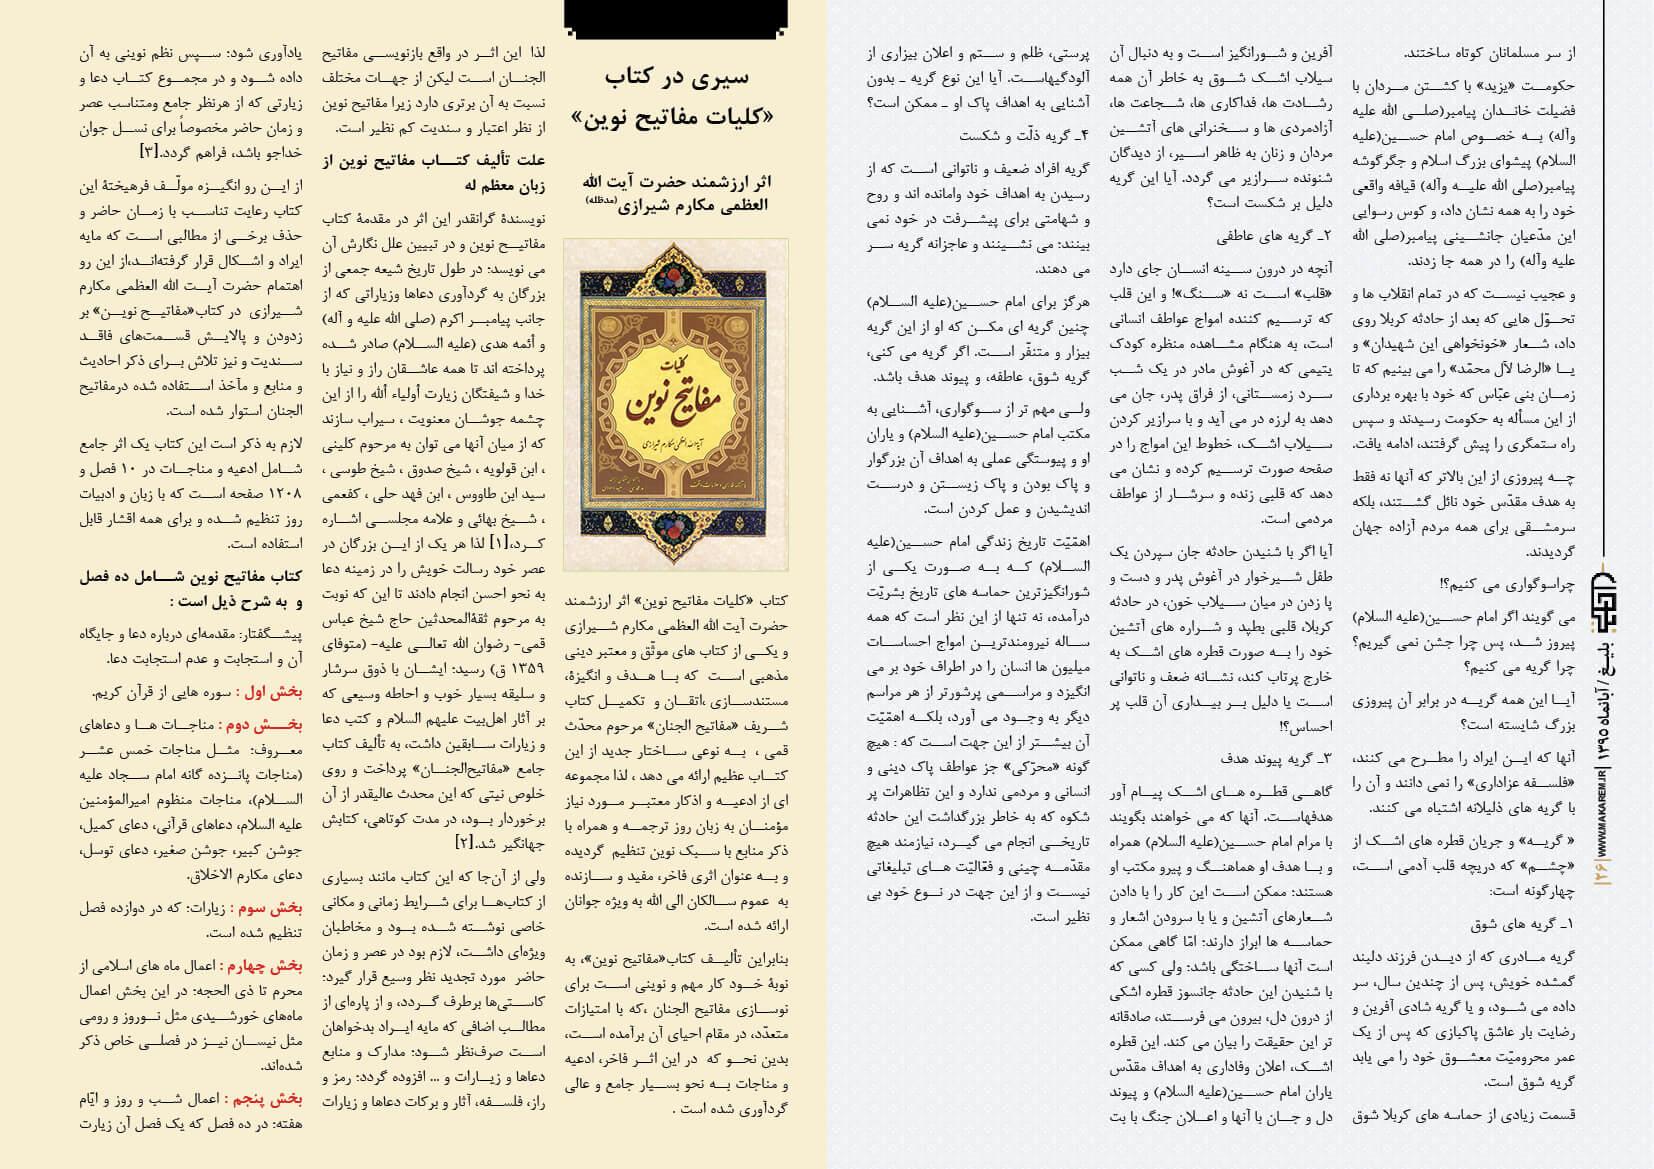 سیری در کتاب «کلیات مفاتیح نوین»-مدرسه الامام امیر المومنین (ع)